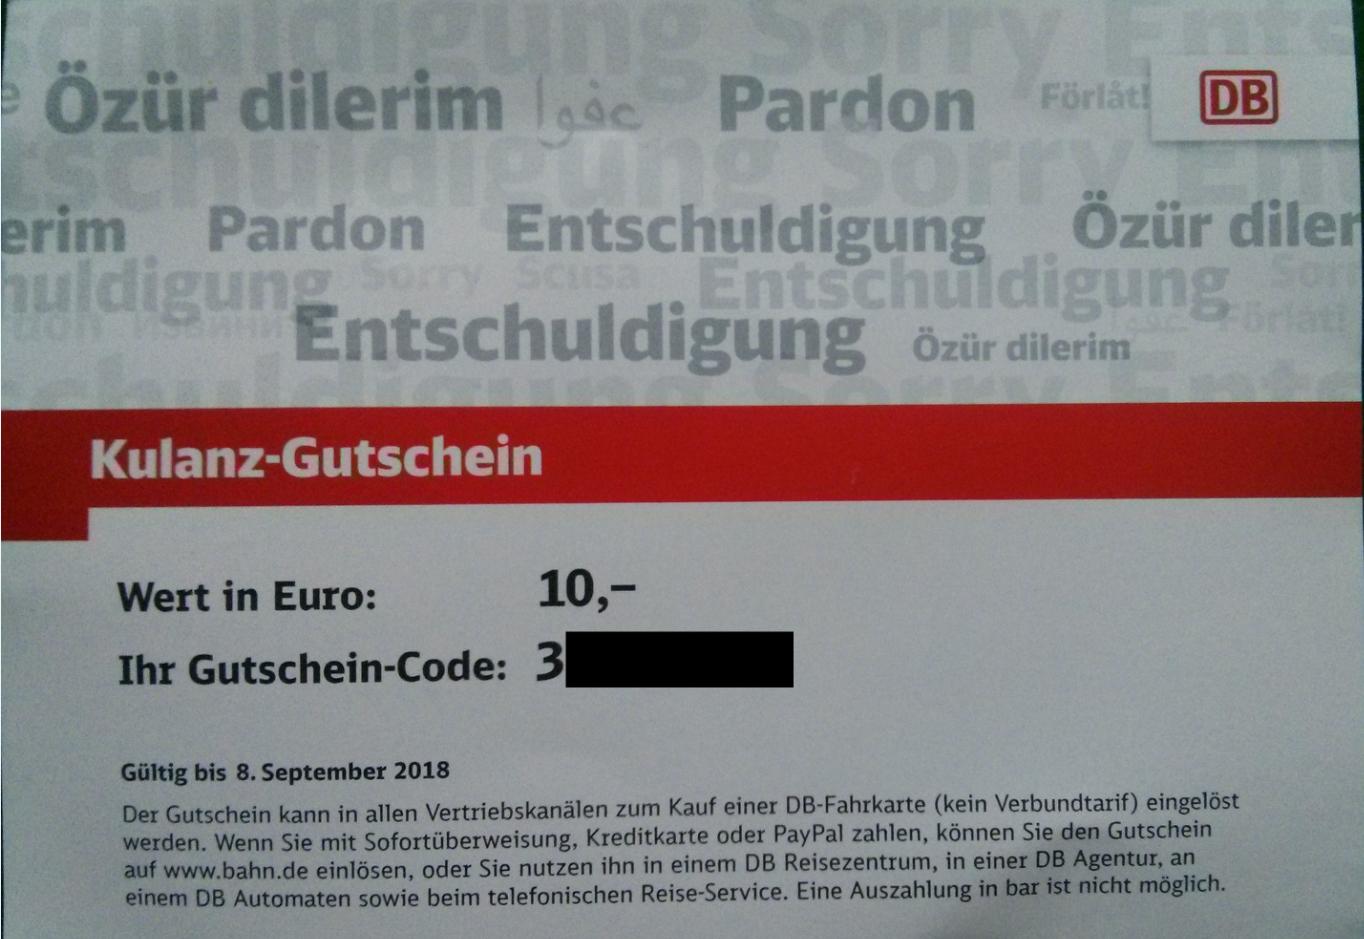 kostenlose 10€ Kulanz-Gutschein (lokal Bahnhof Rastatt & vlt auch Baden-Baden)